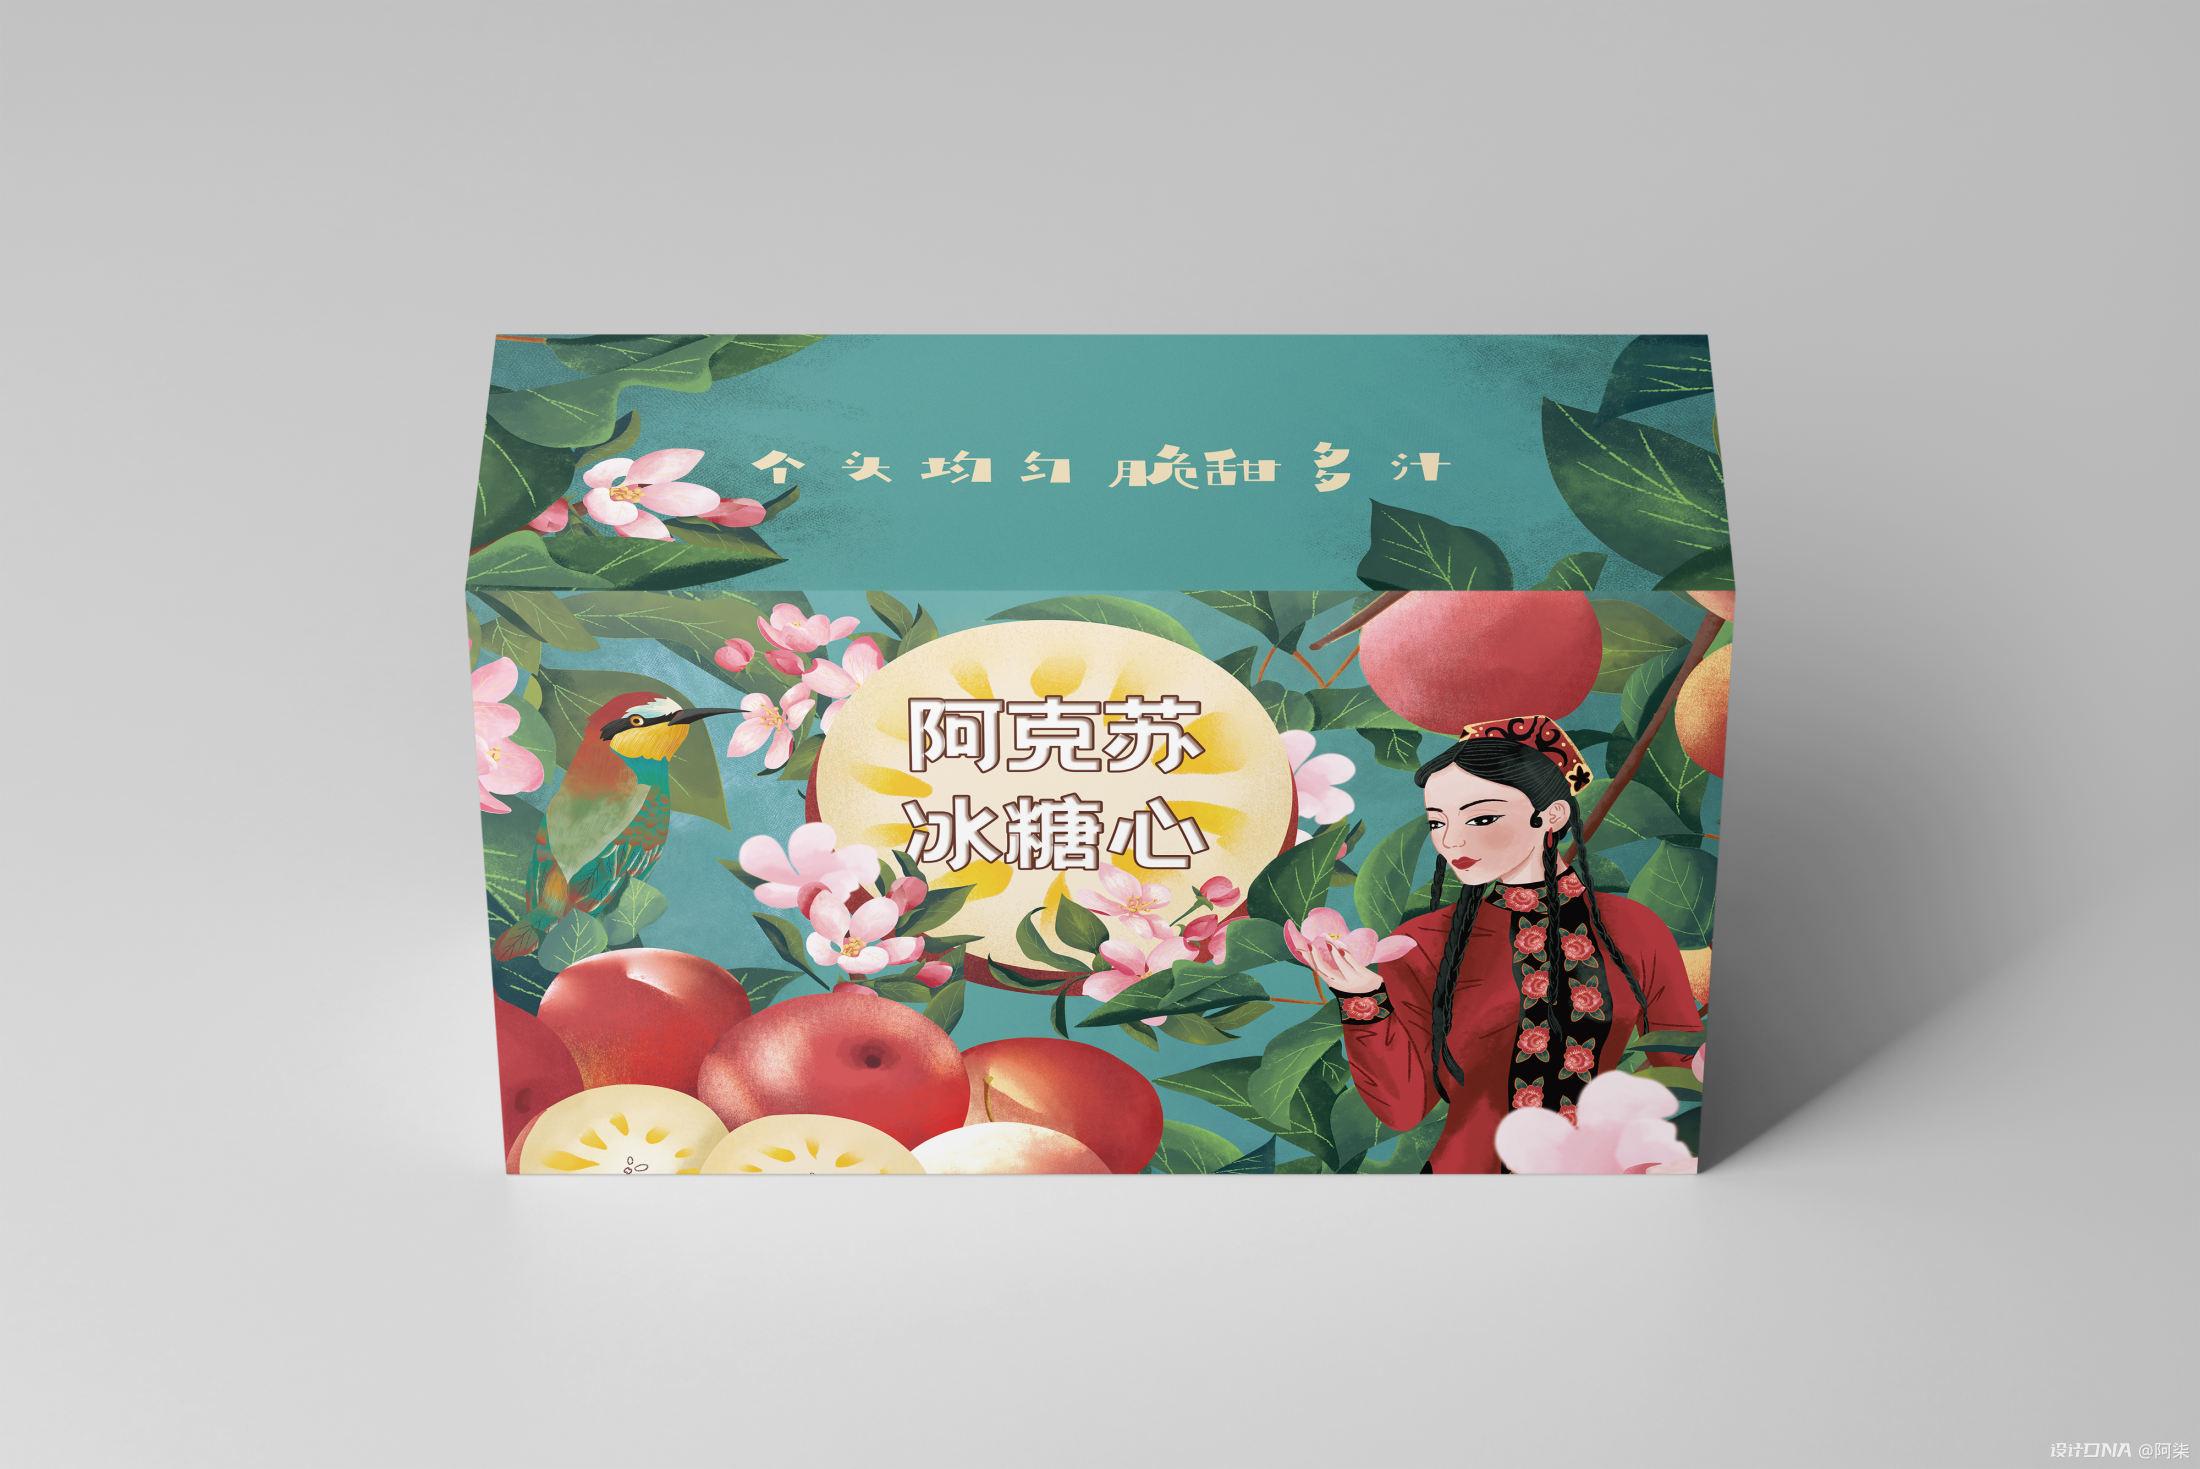 阿克苏冰糖心包装插画 图5